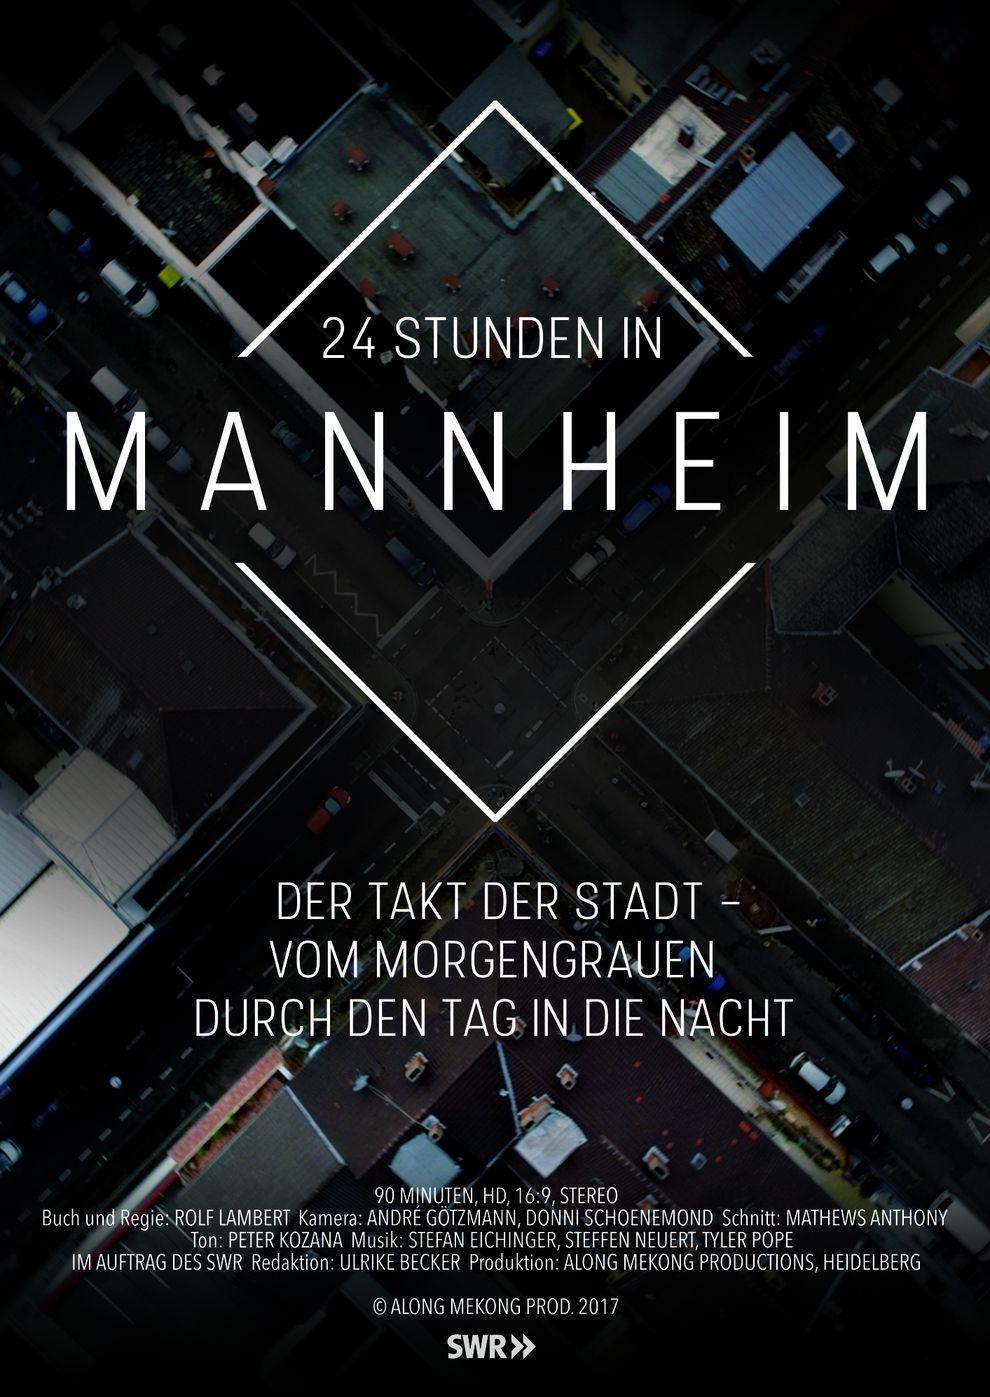 24 Stunden in Mannheim (Poster)